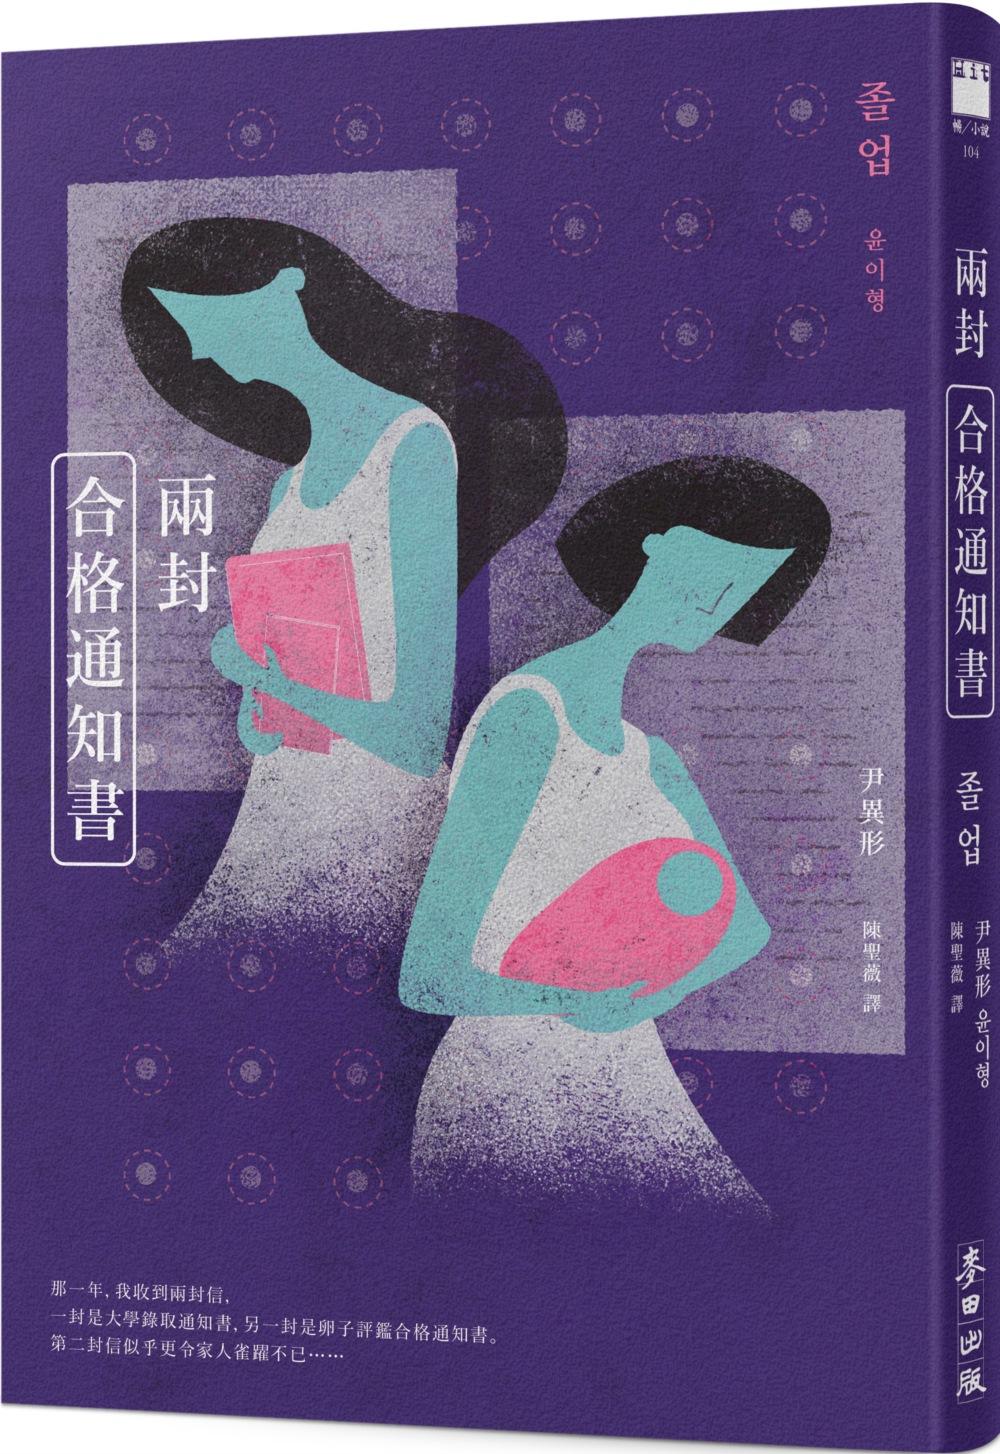 兩封合格通知書(少女版《使女的故事》・韓國怪物級小說家首度進軍繁體中文界)